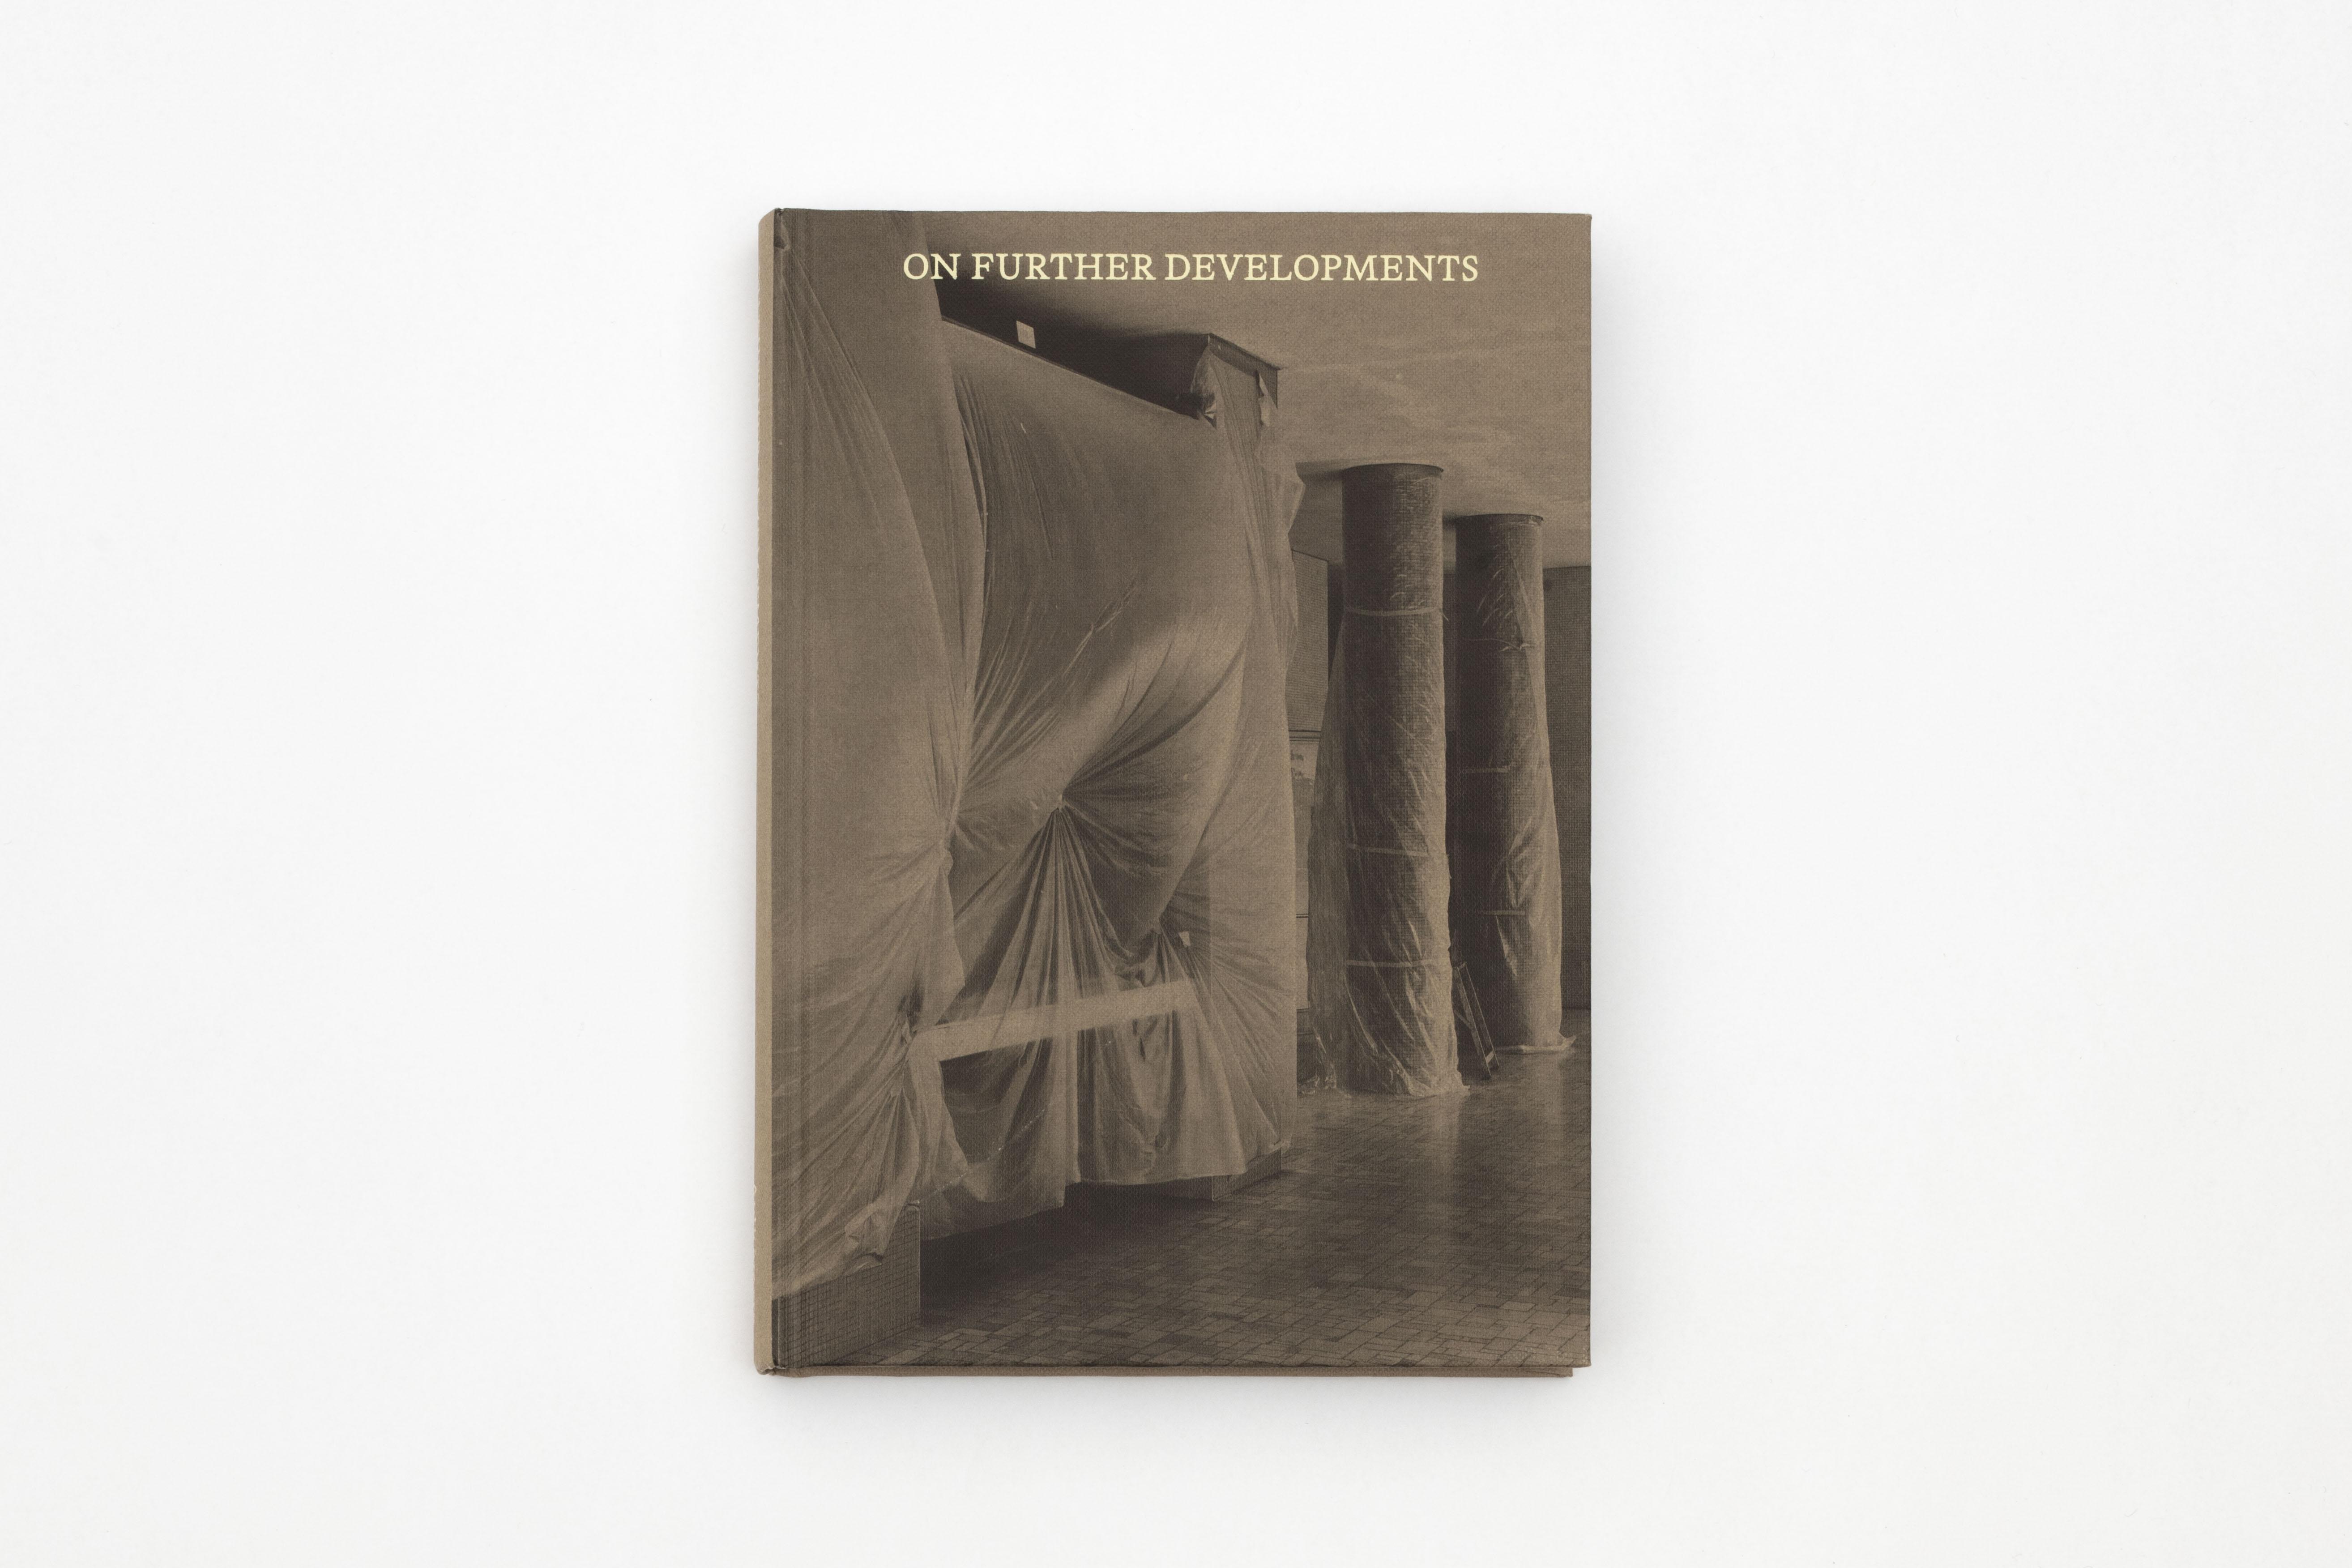 'OnFurther Developments', designed by Dallas , Edizioni Anticamera